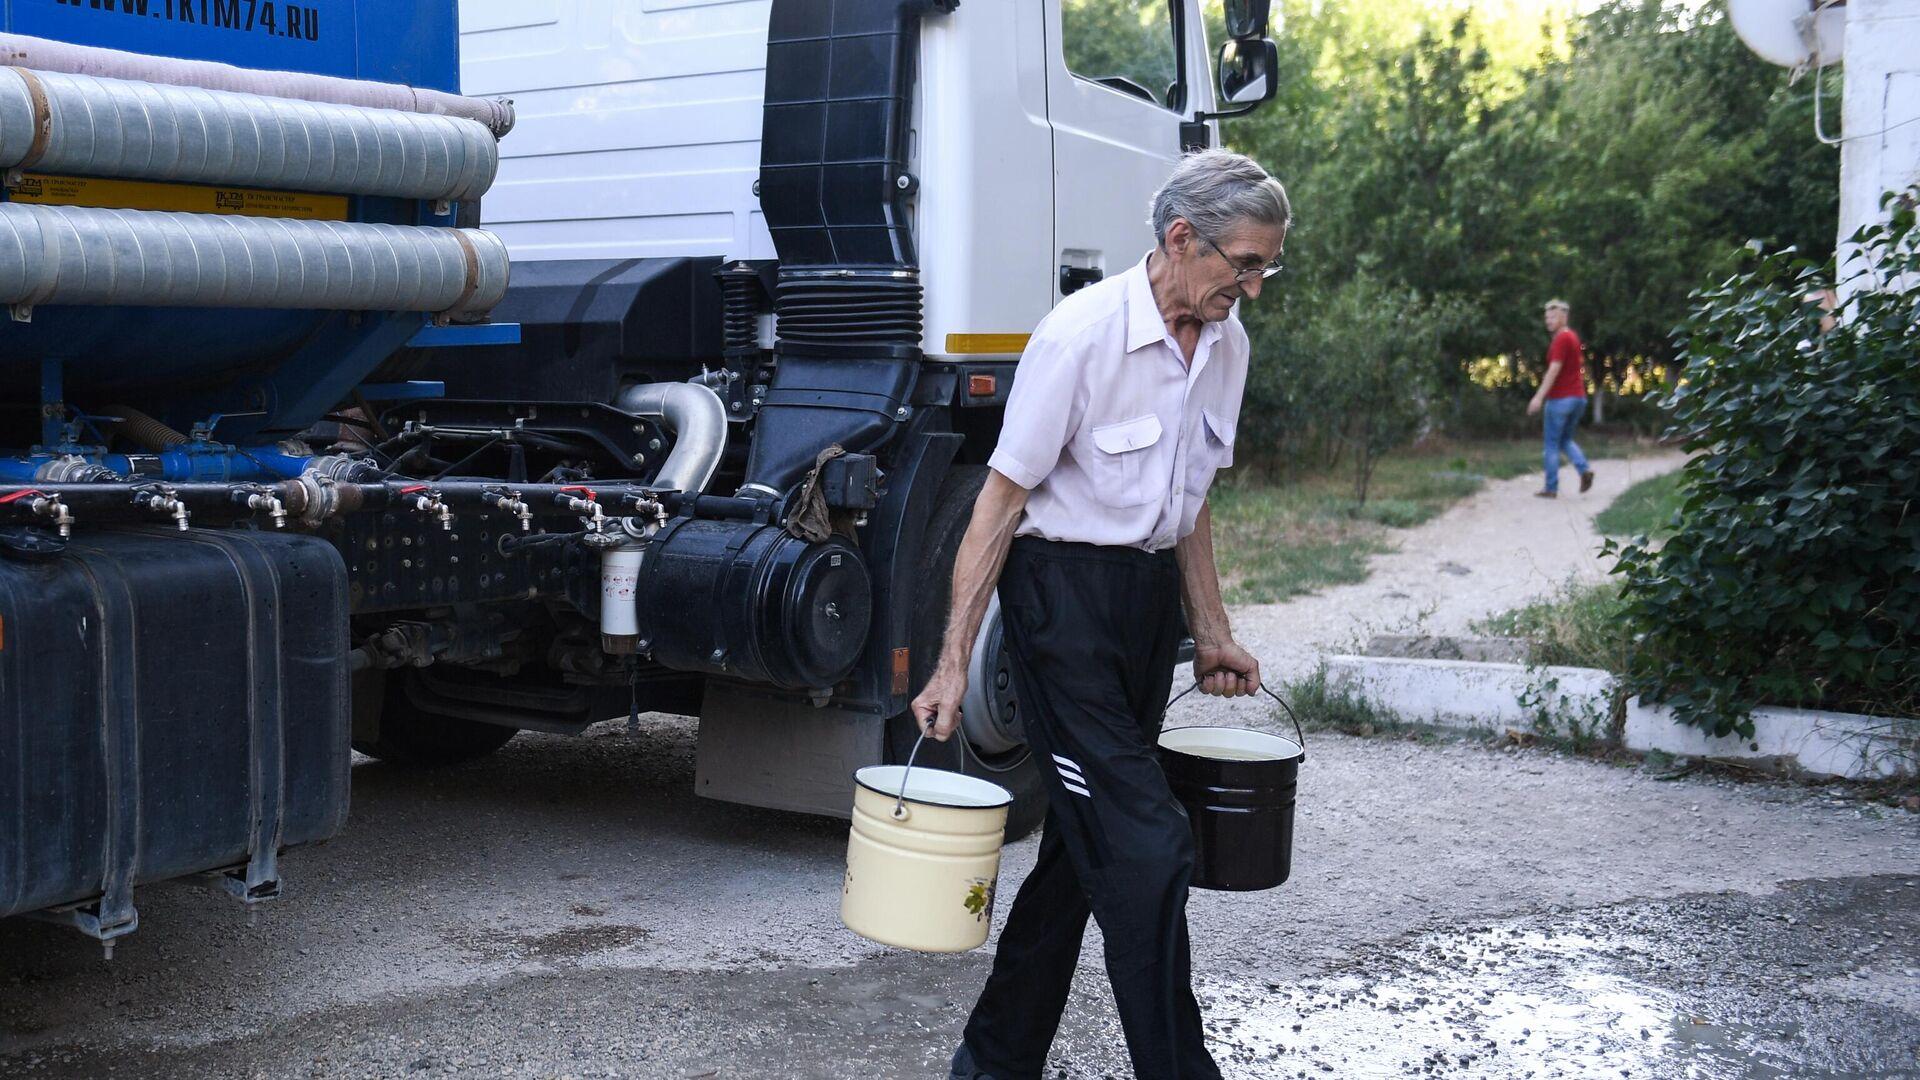 Житель Cимферополя набирает в емкости питьевую воду, привезенную в цистернах - РИА Новости, 1920, 11.10.2020